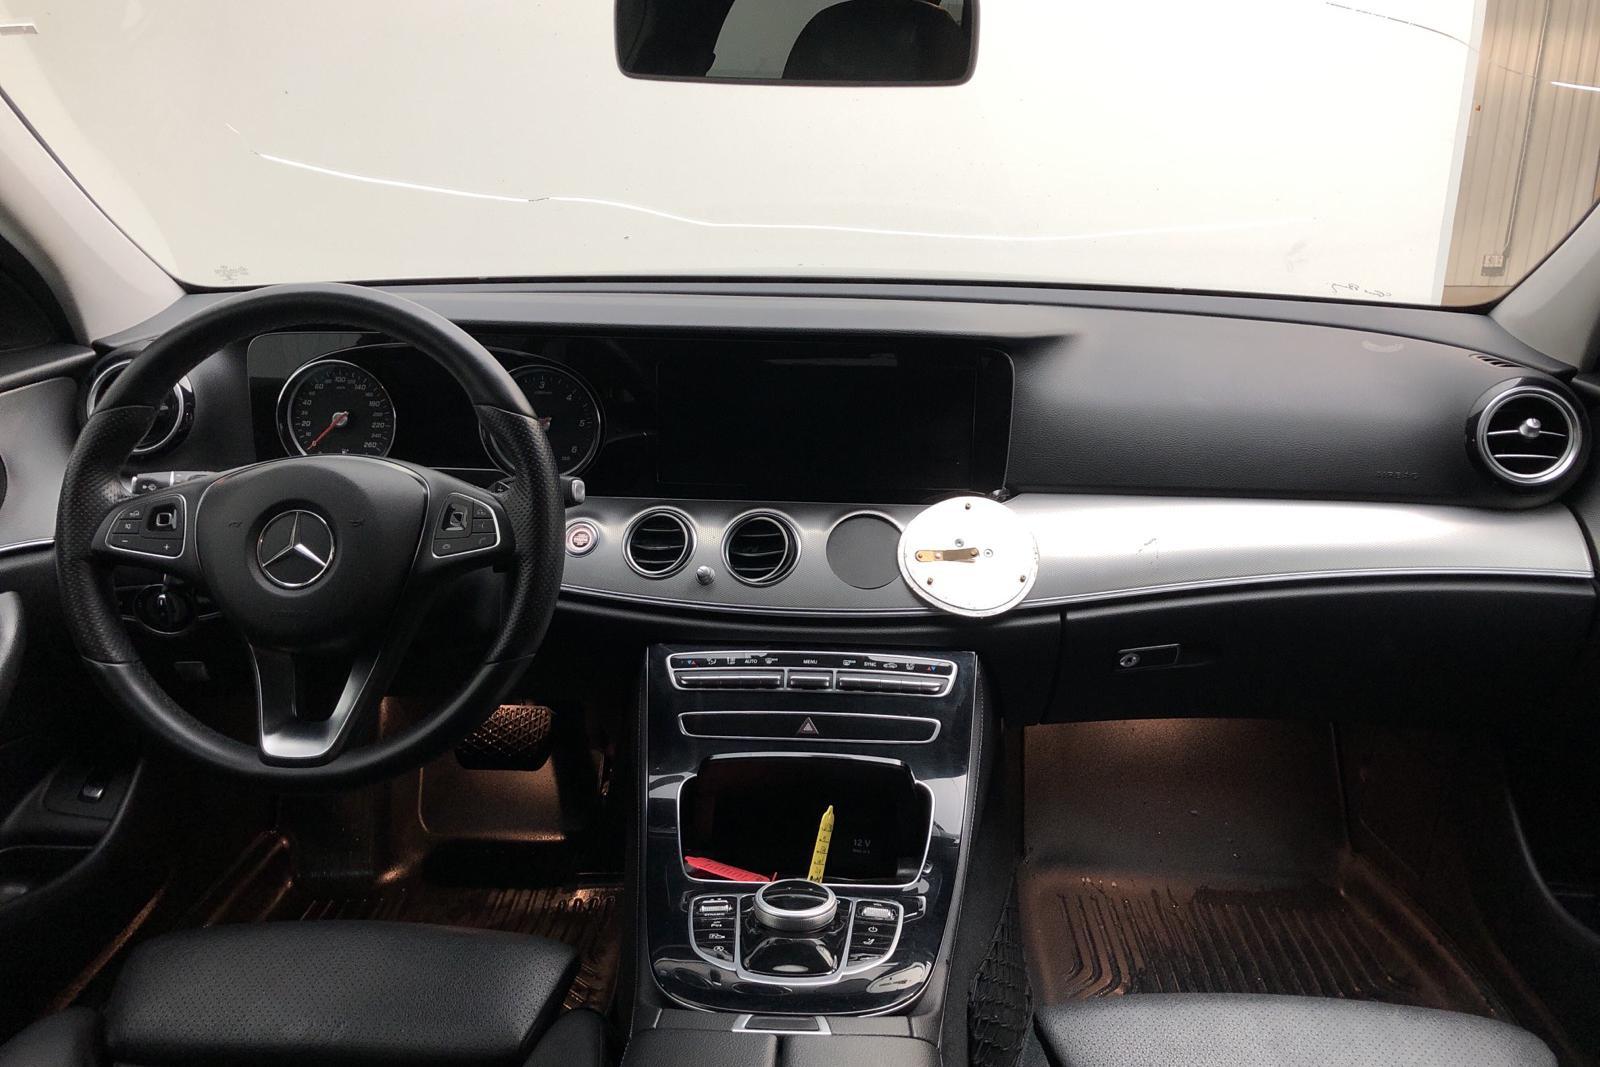 Mercedes E 220 d Kombi S213 (194hk) - 0 km - black - 2018